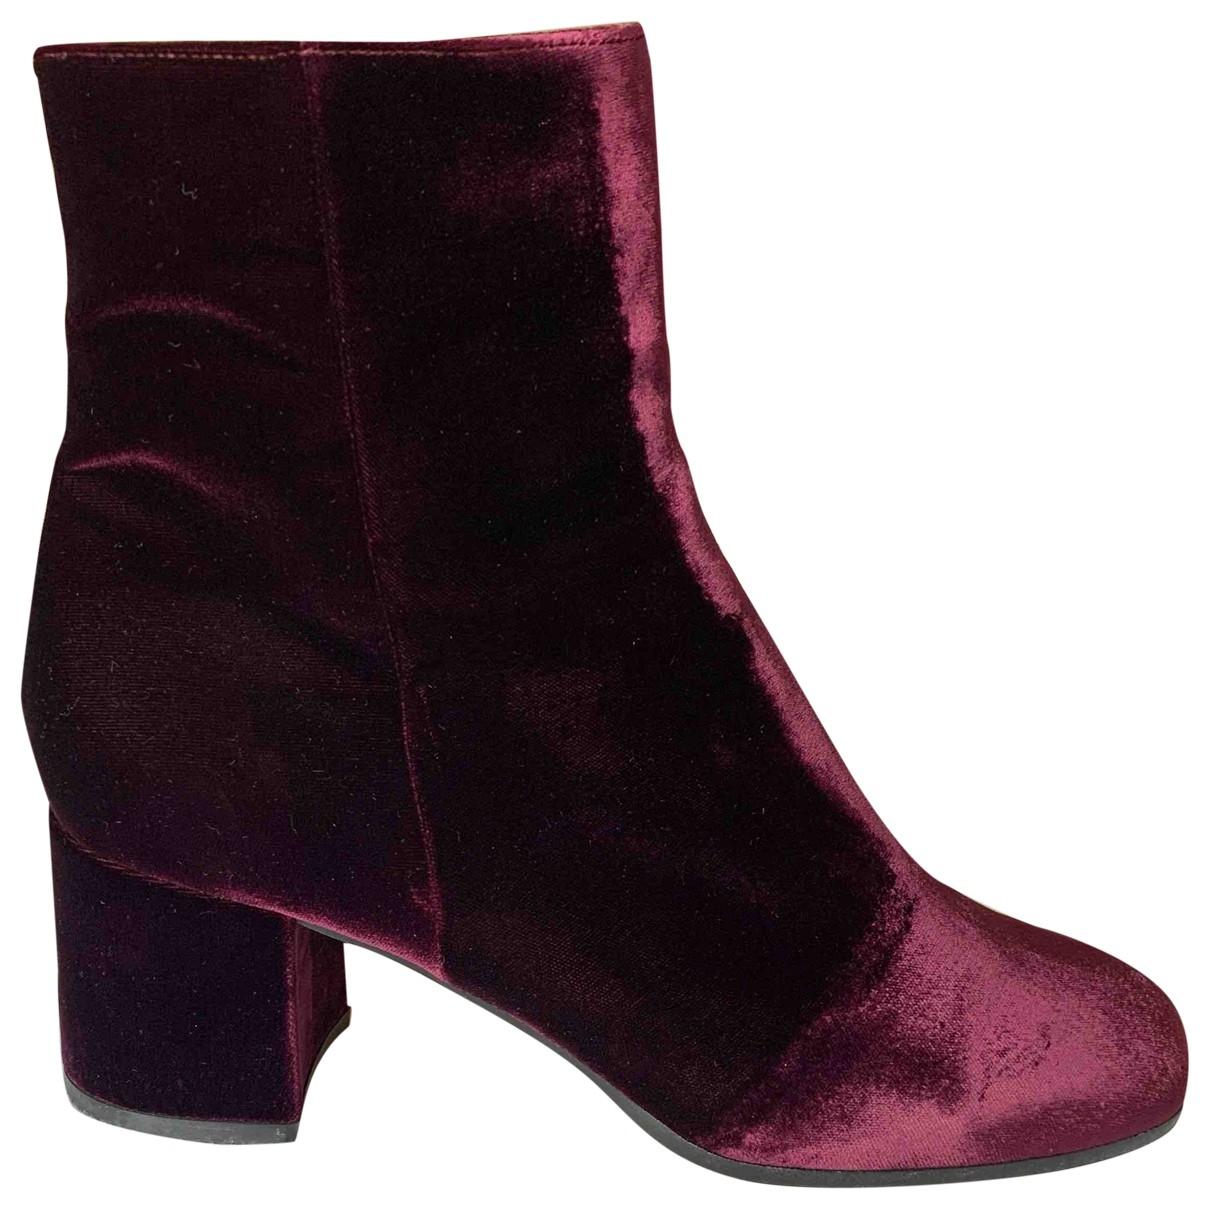 Gianvito Rossi - Boots   pour femme en velours - violet